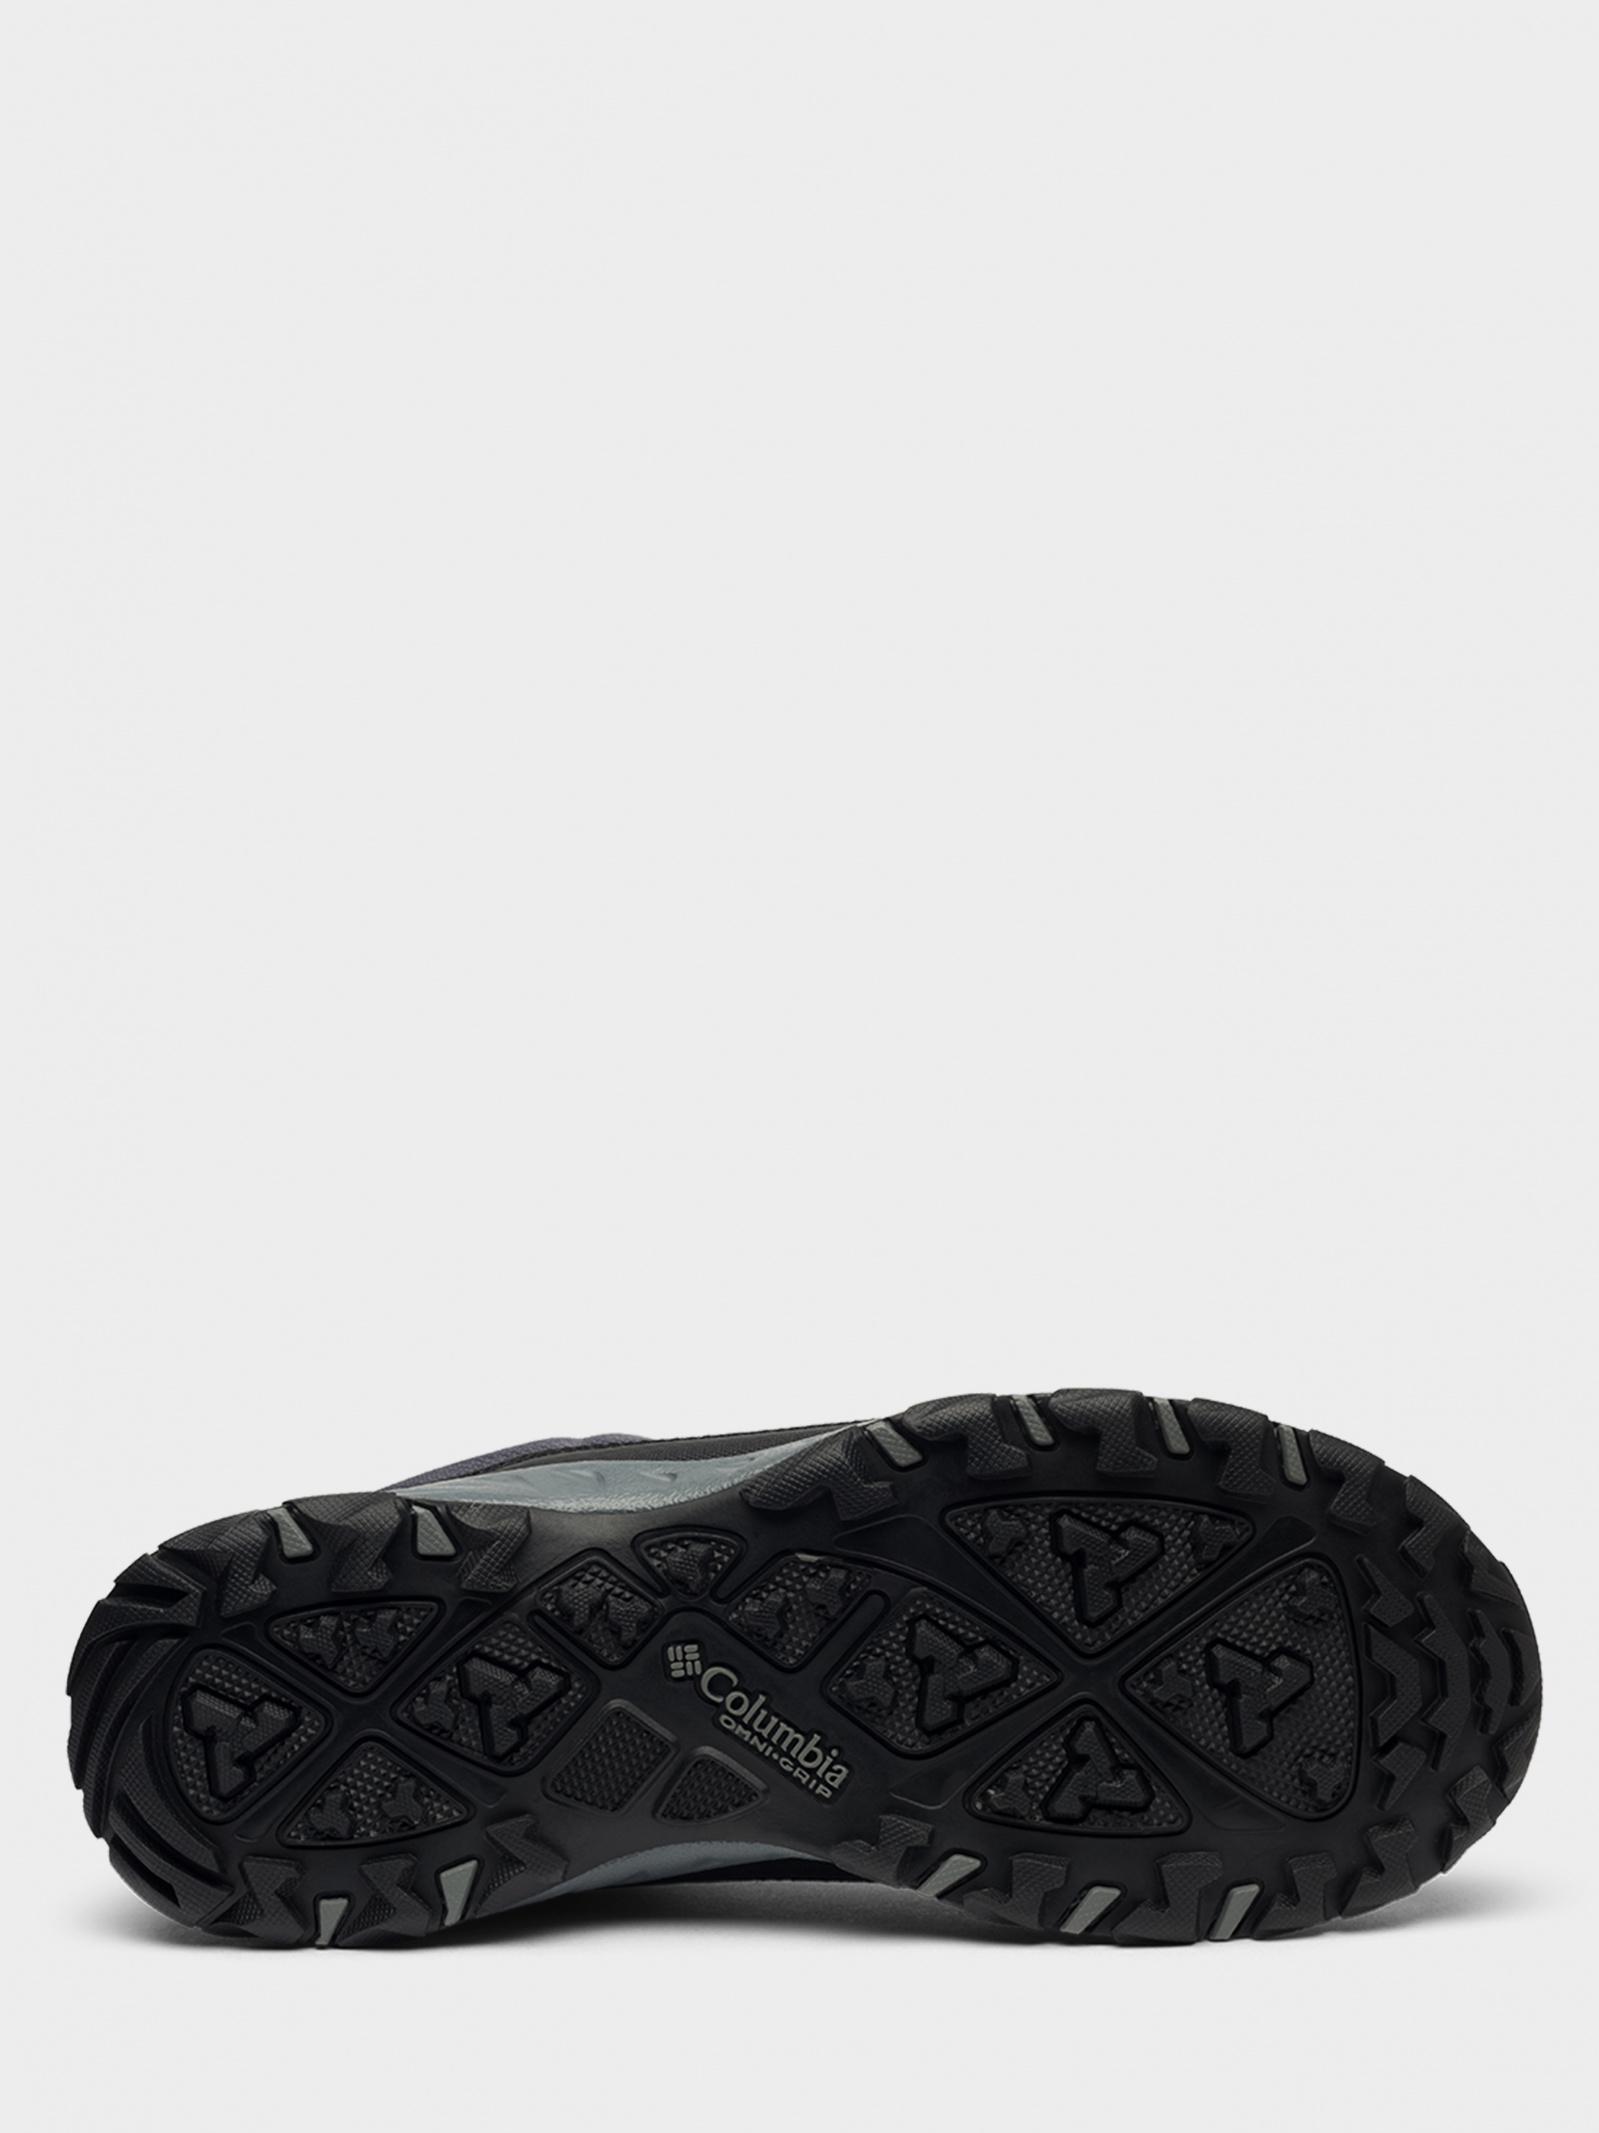 Кросівки  для чоловіків Columbia 1865021-011 примірка, 2017